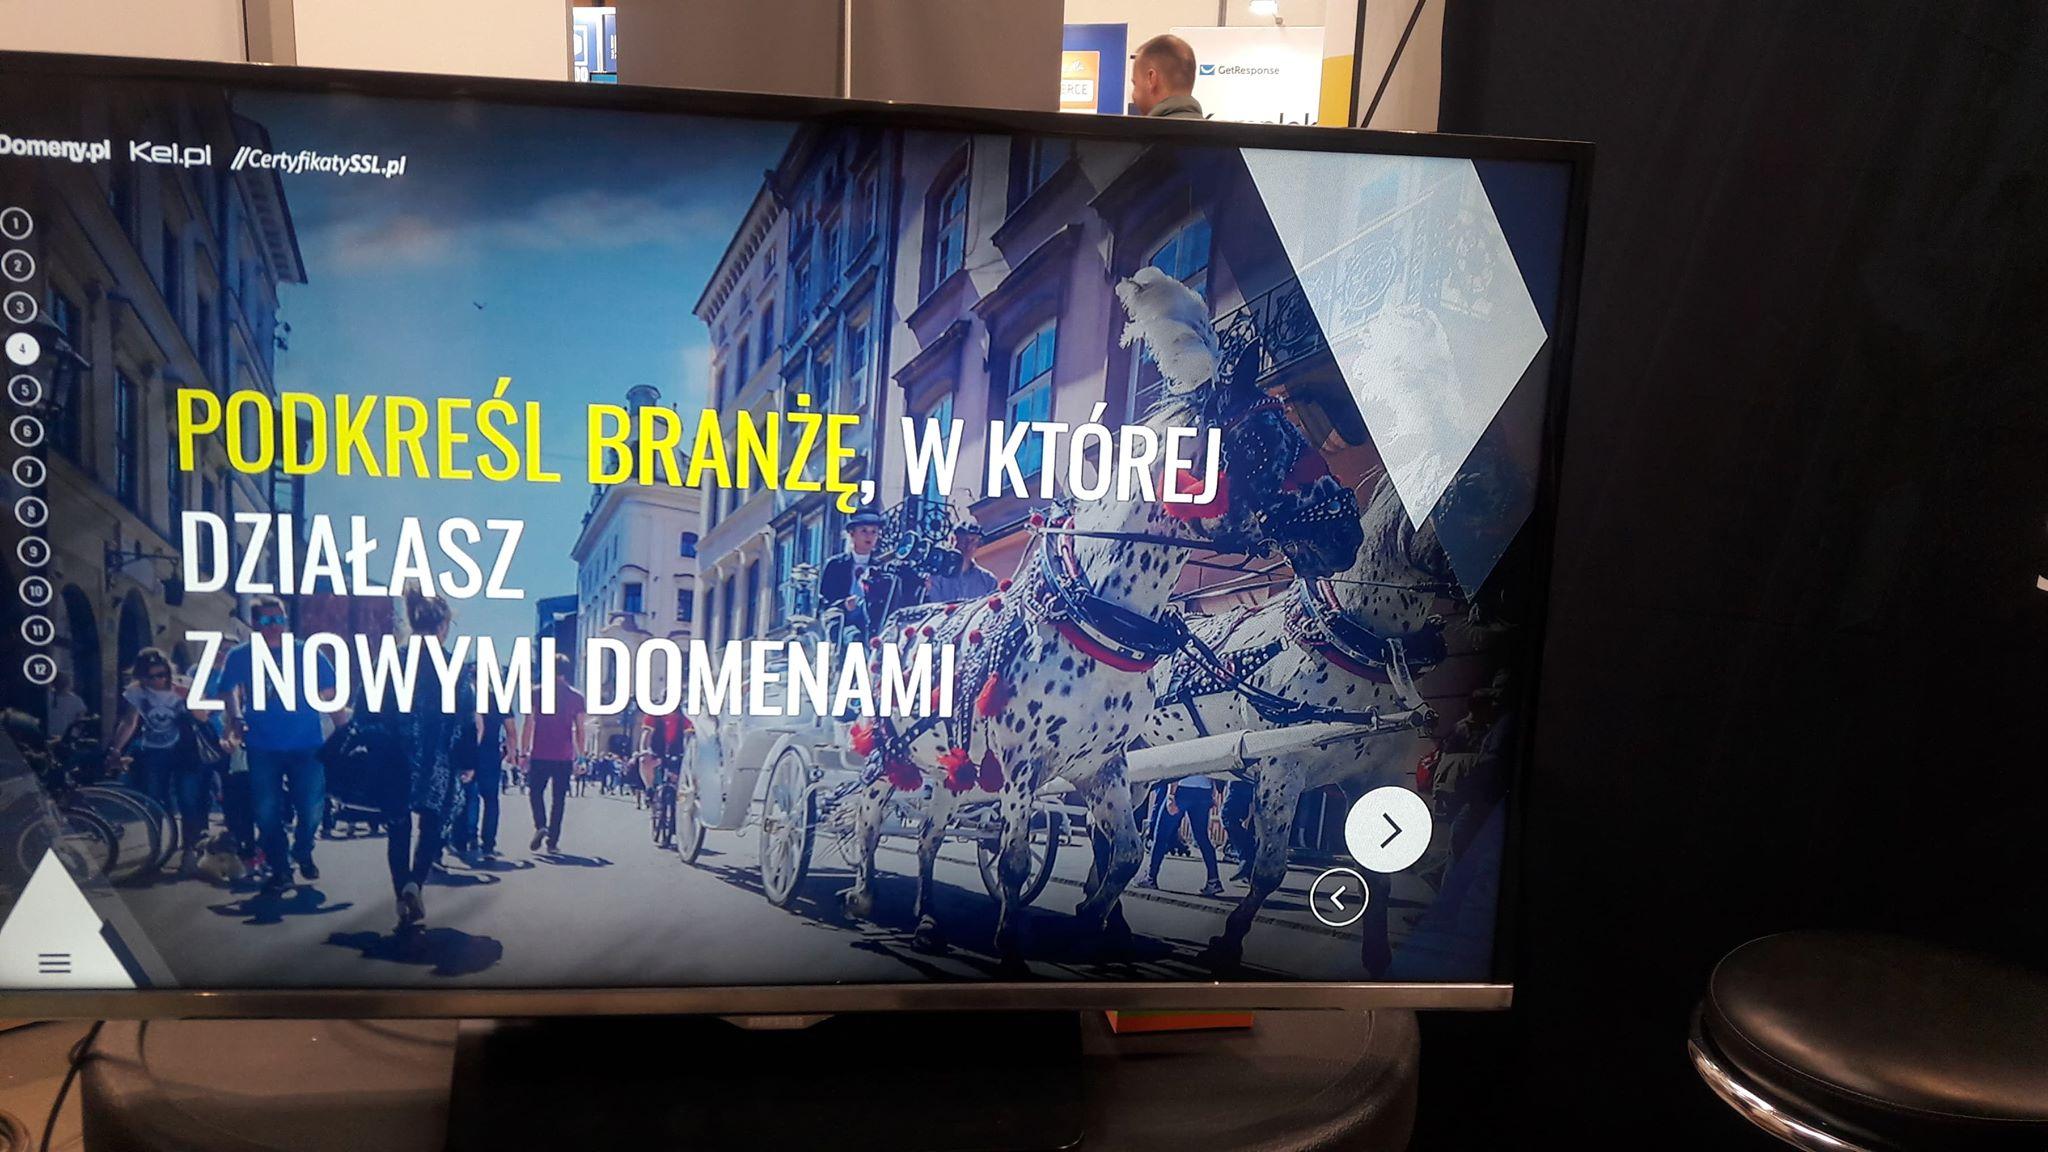 SToisko kei.pl, domeny.pl